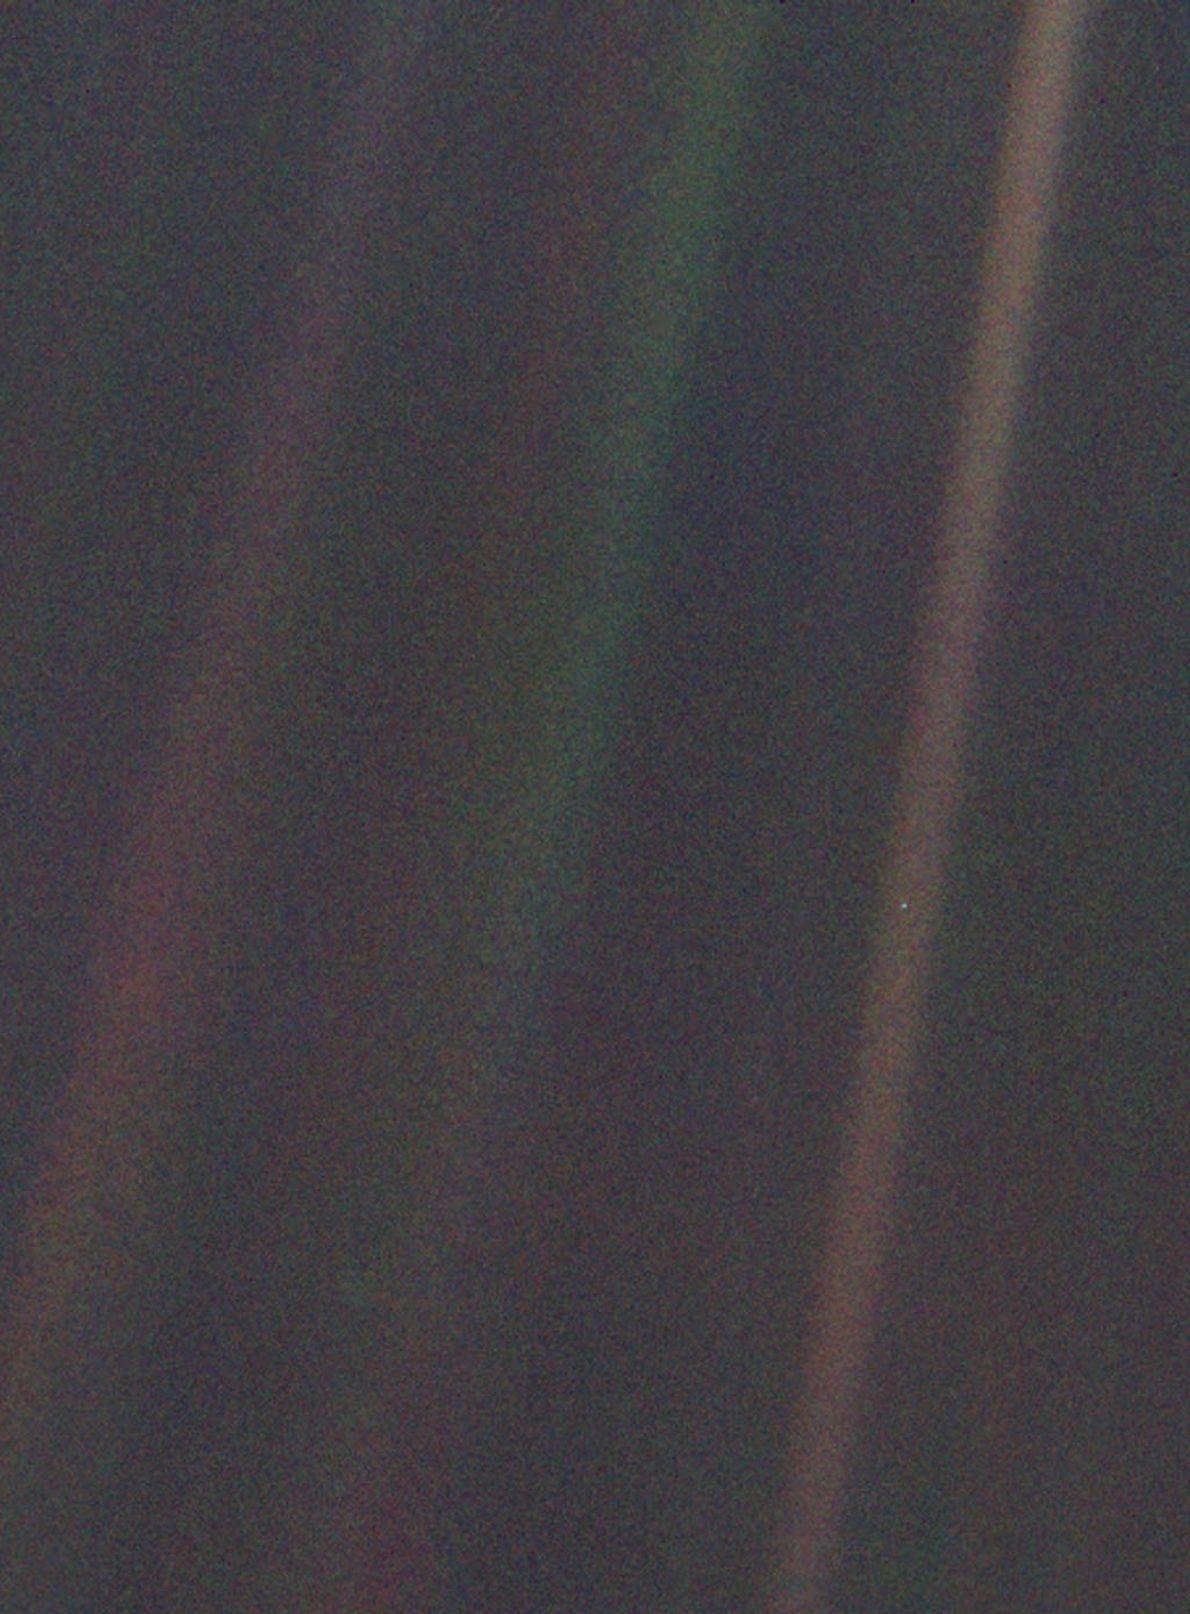 Em 1990, a nave espacial Voyager 1 tirou esta foto a cores da Terra